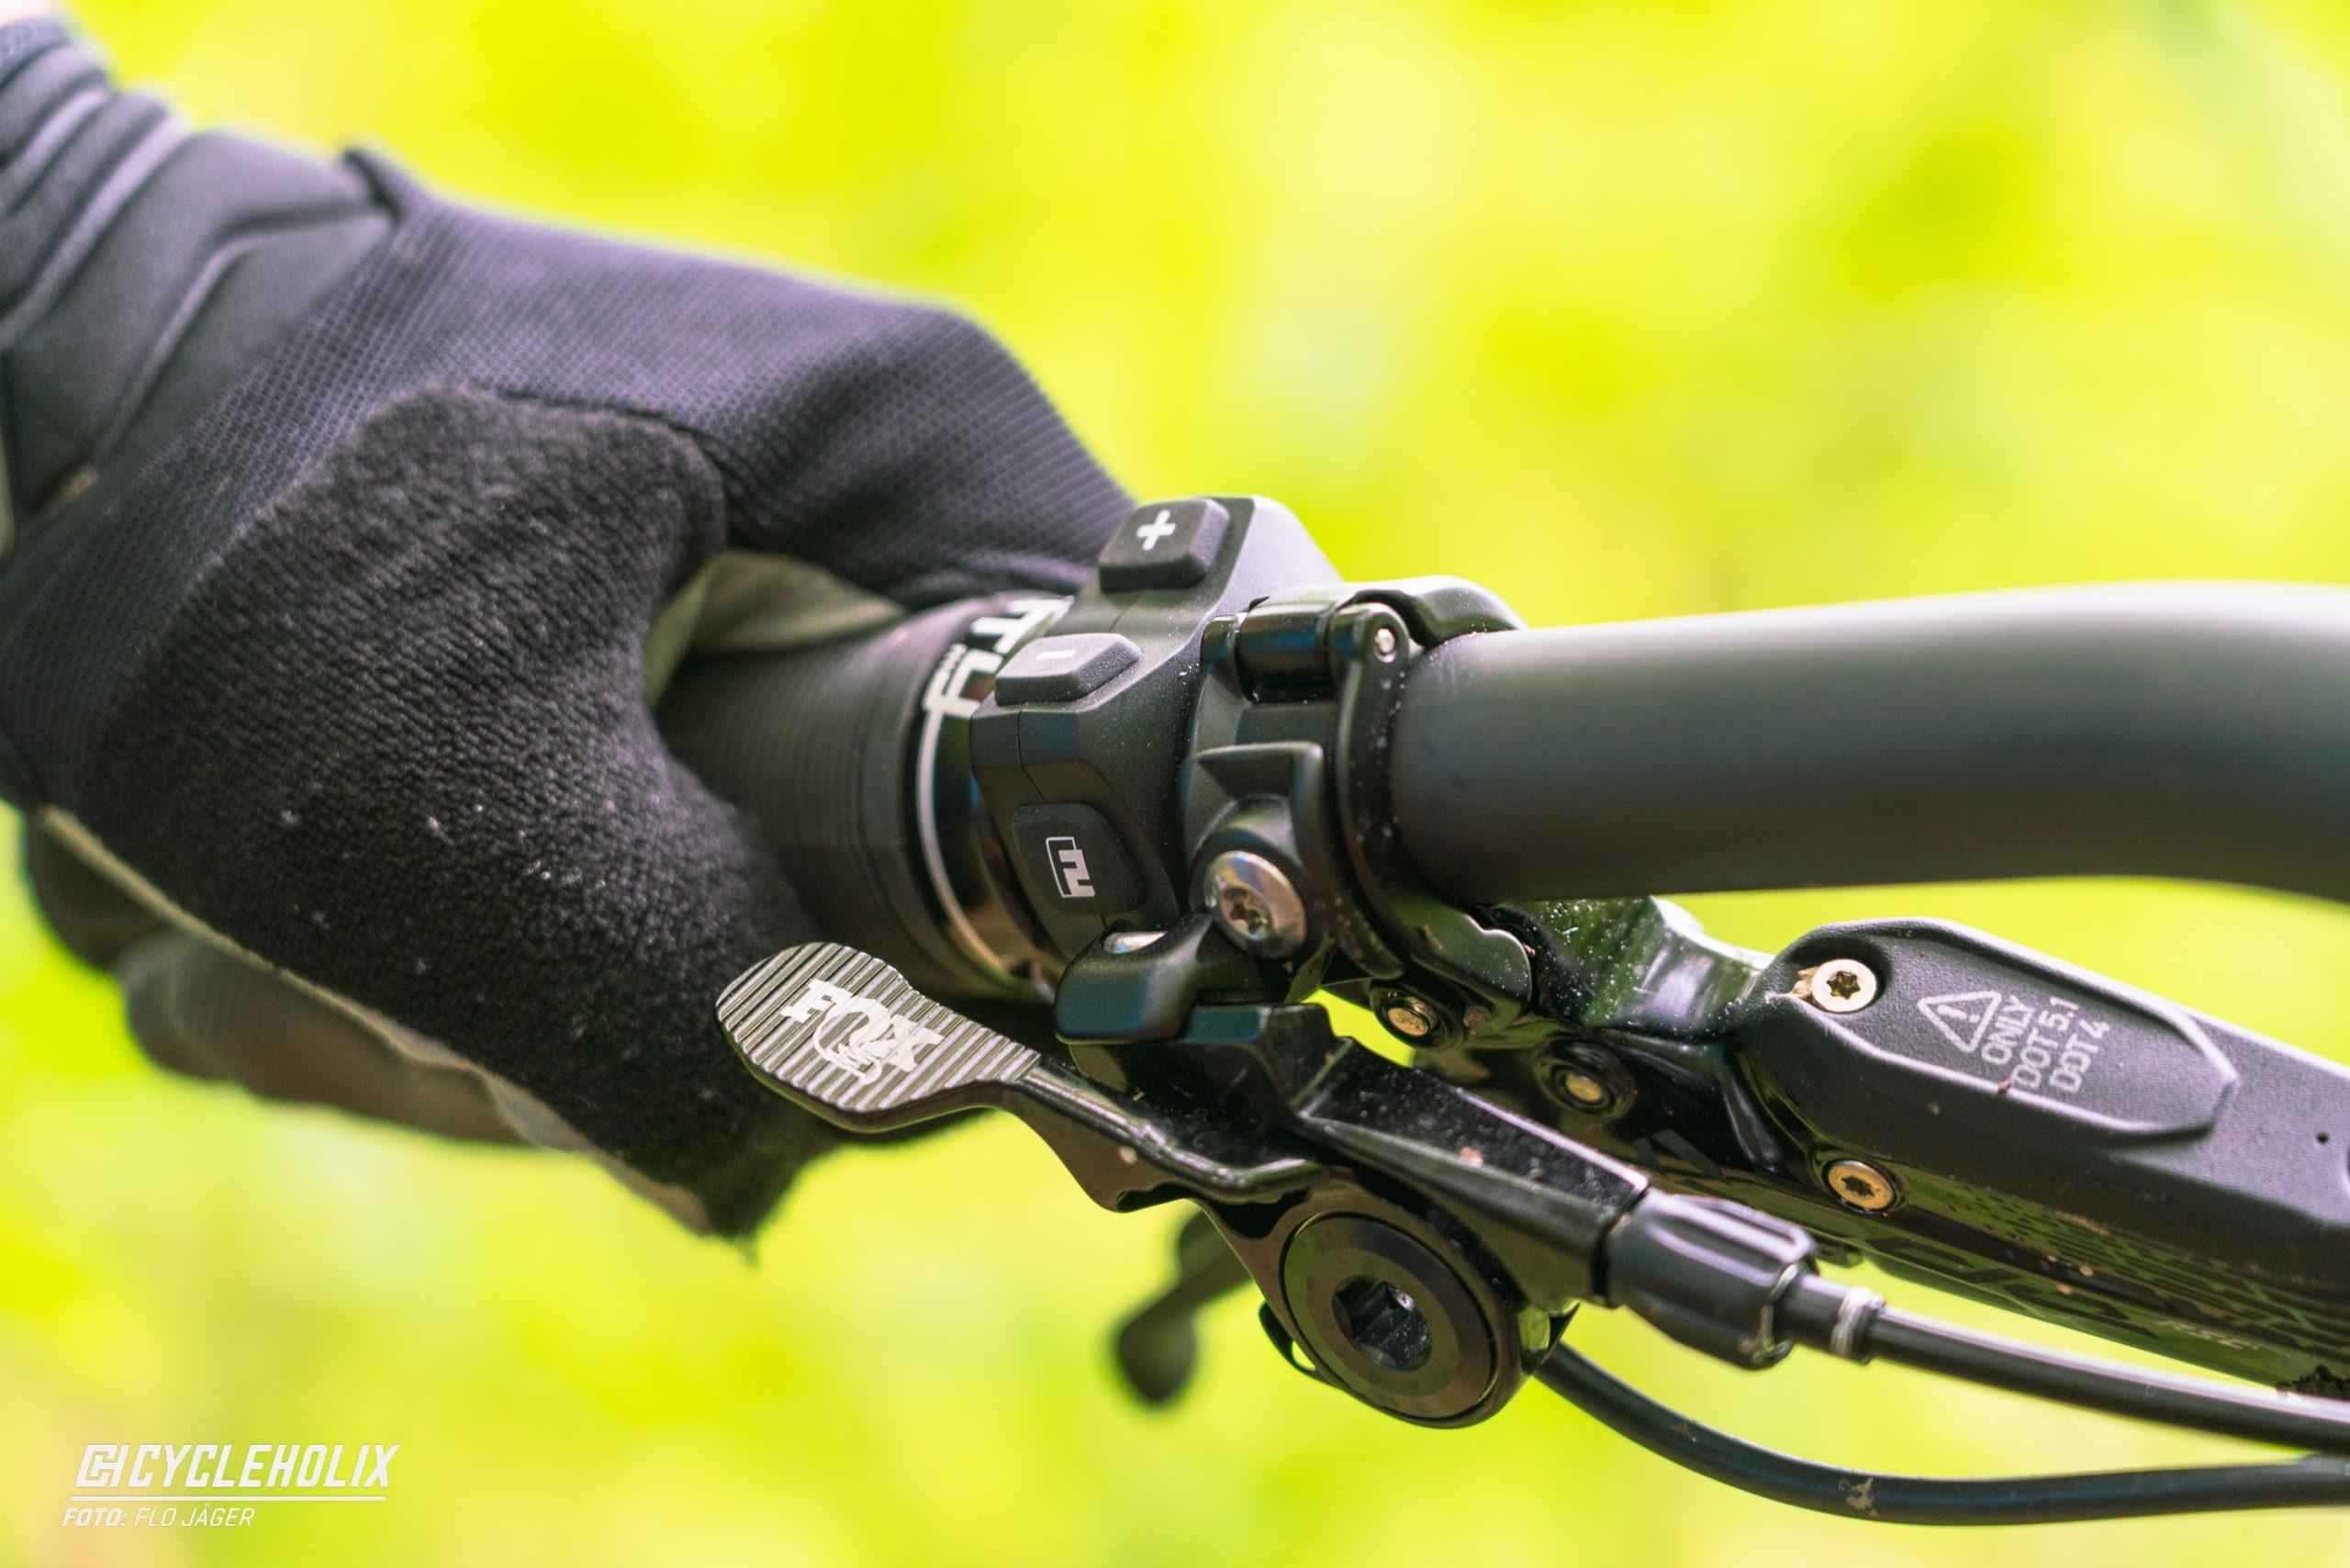 SpecializedTurboLevo Action 21 scaled Cycleholix